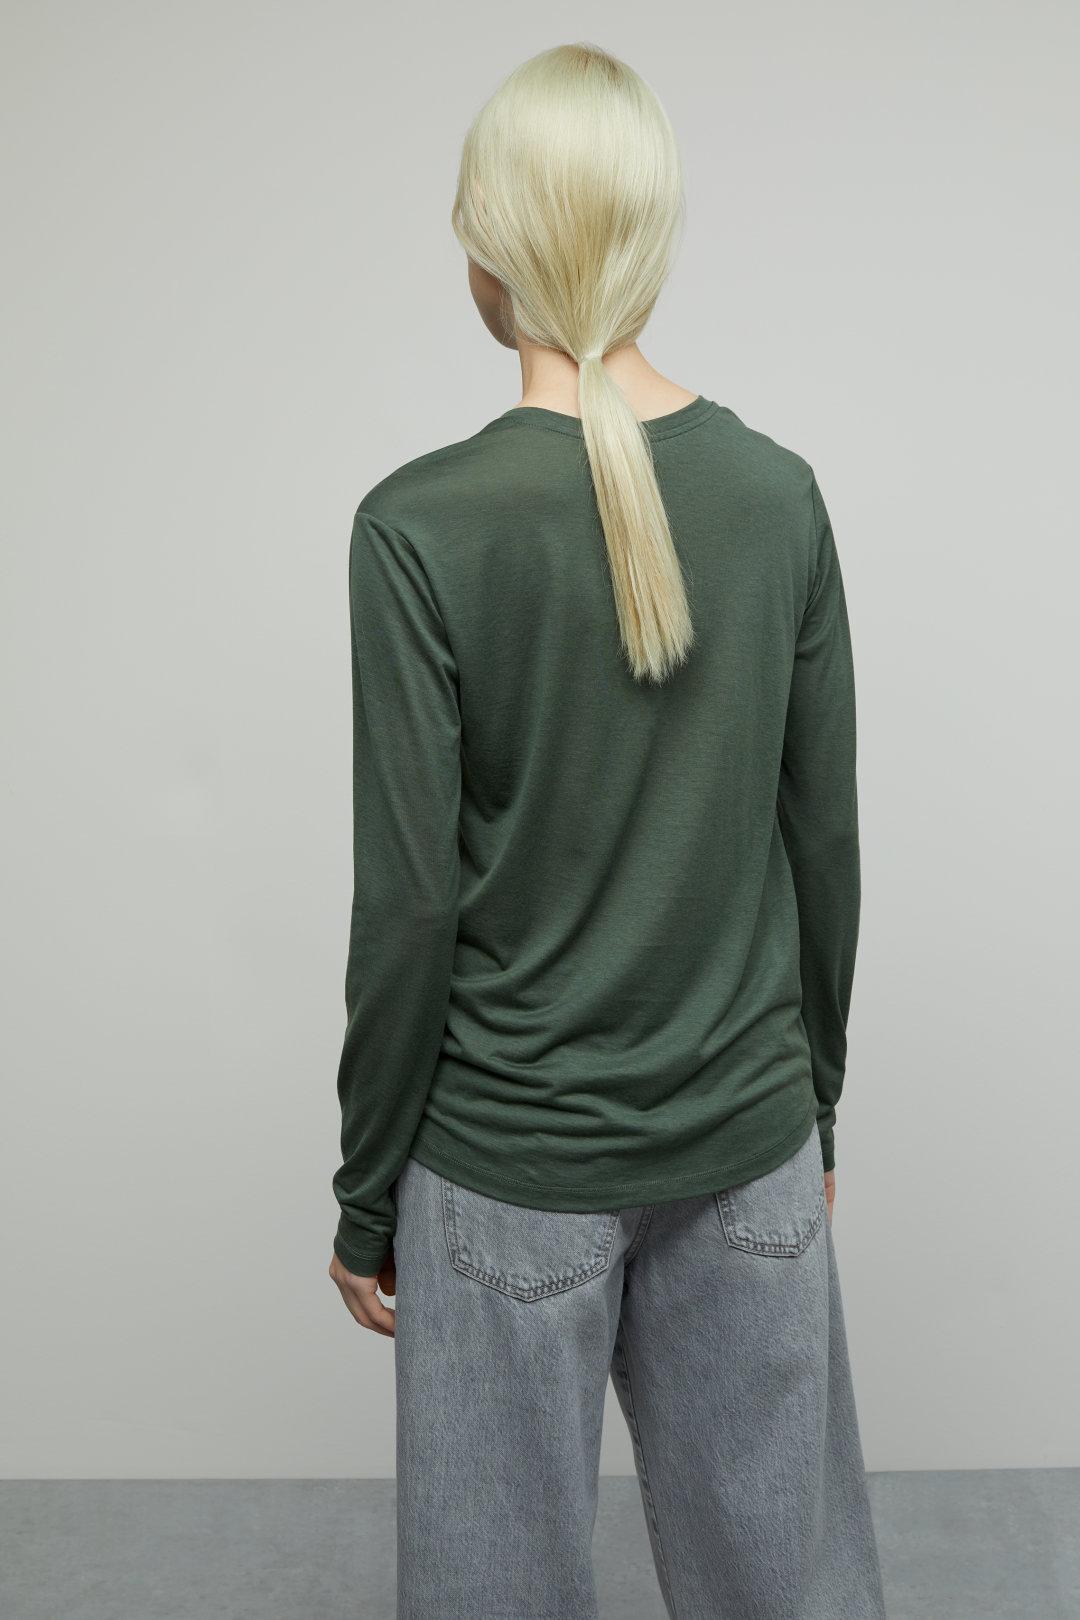 C95310,T-Shirt, Closed, Longsleeve